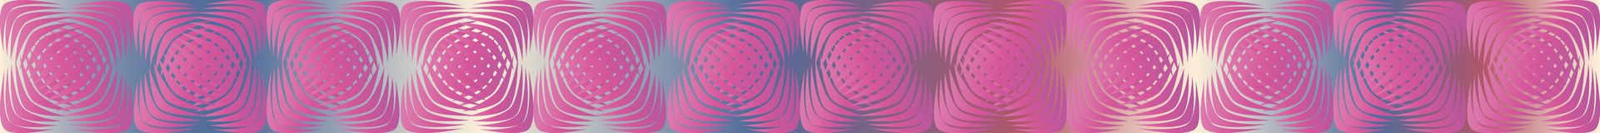 Geometrische patronen met gradiëntvulling 8 stock illustratie